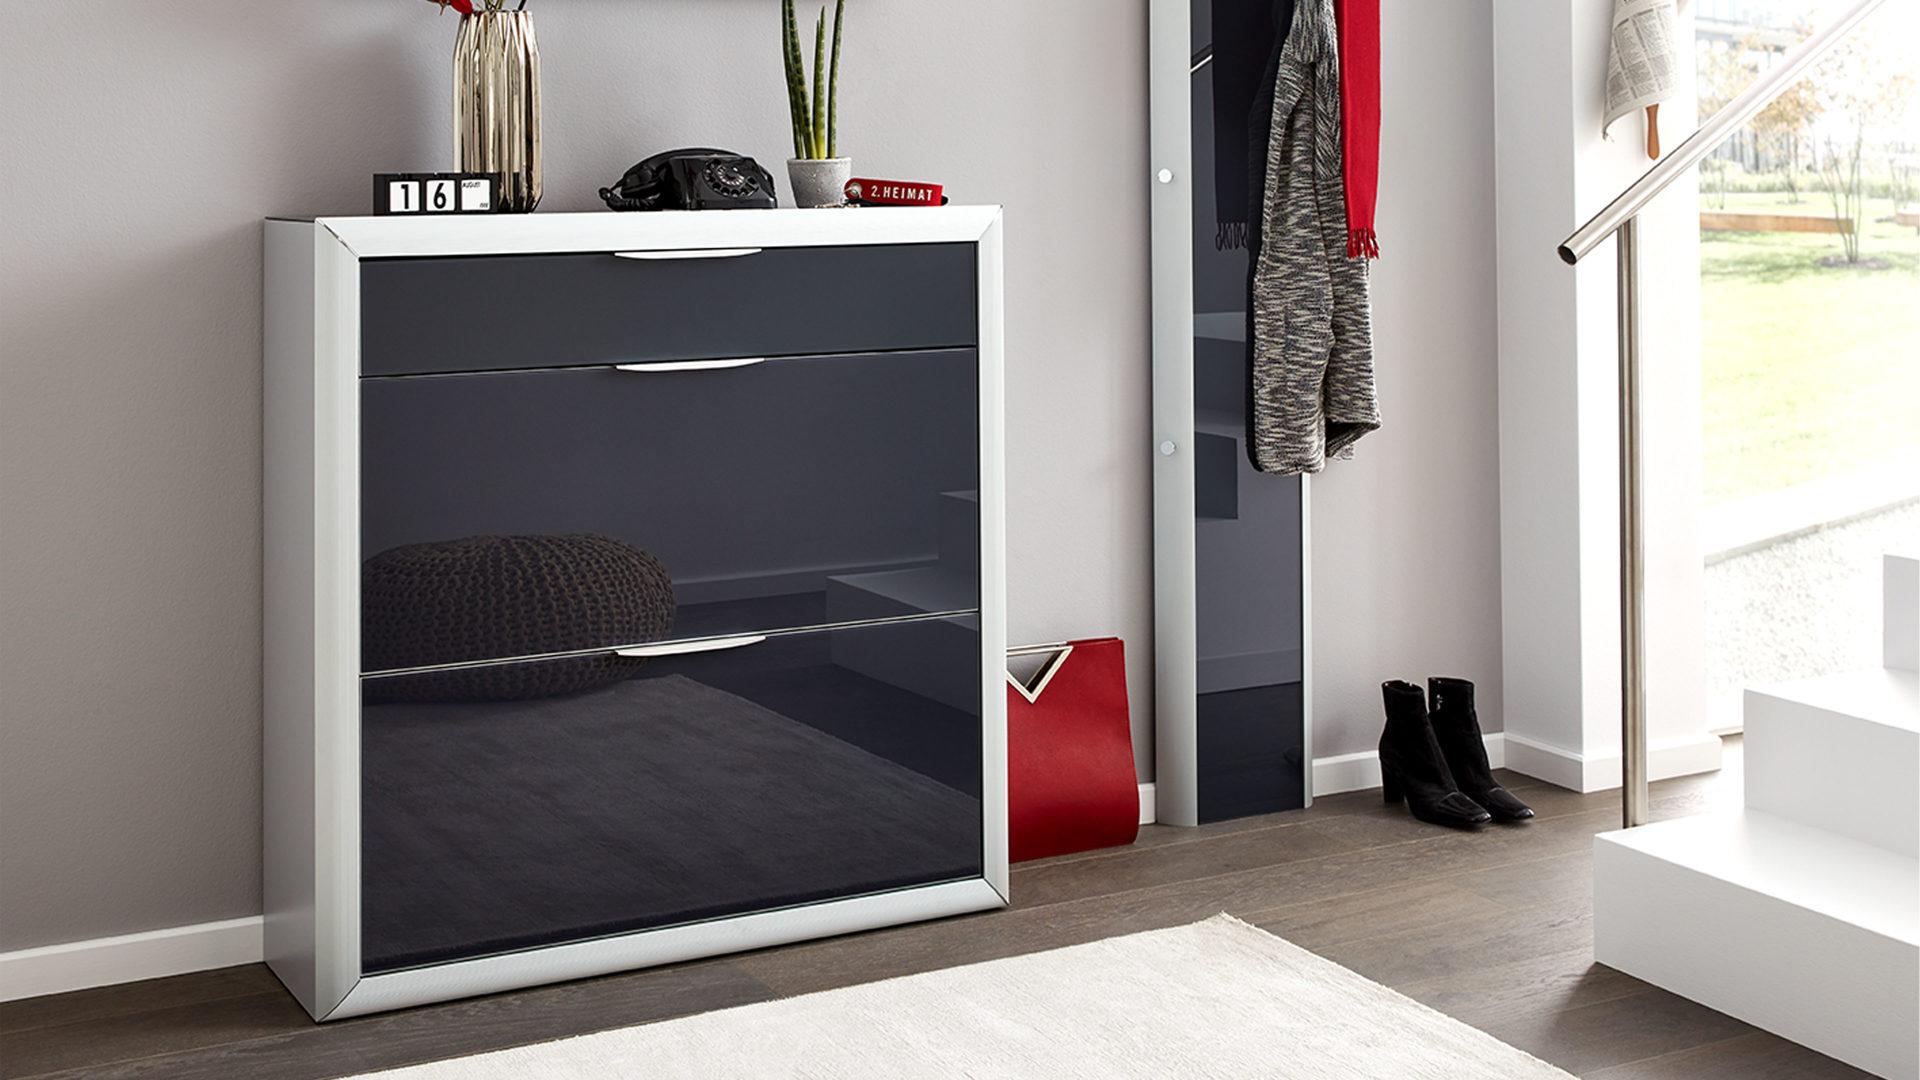 Interliving Garderoben Serie 6003 Schuhschrank Anthrazitfarbene